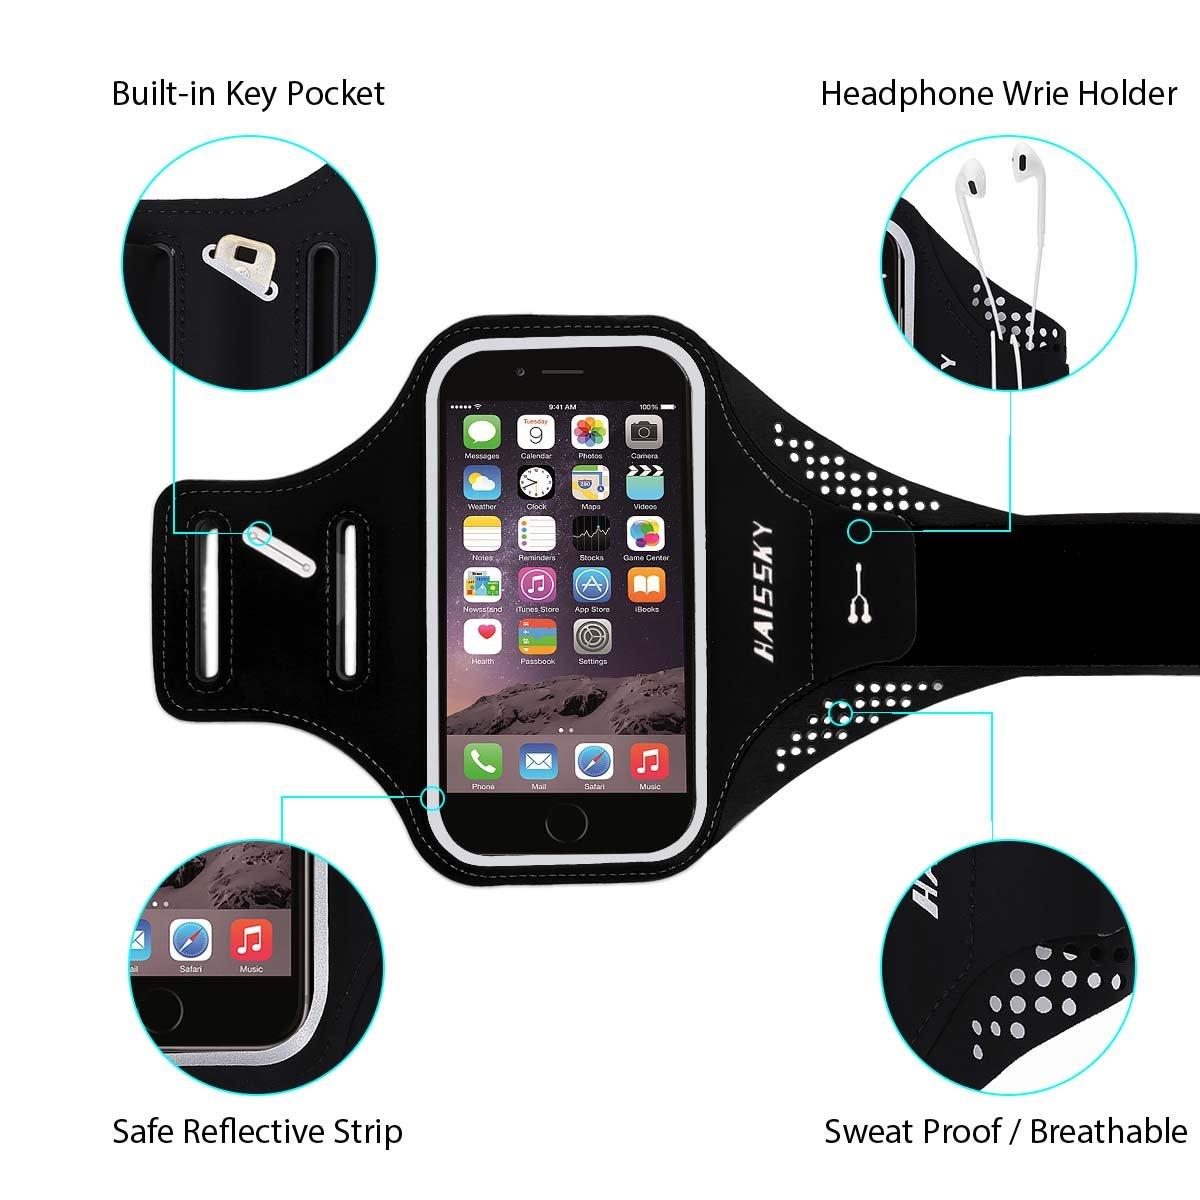 Correa de Brazalete Ideal para Correr Samsung Andar en Bicicleta dise/ño de Banda Impermeable y Reflectante Huawei y Otros Smartphones hasta 5.2 Senderismo con su iPhone